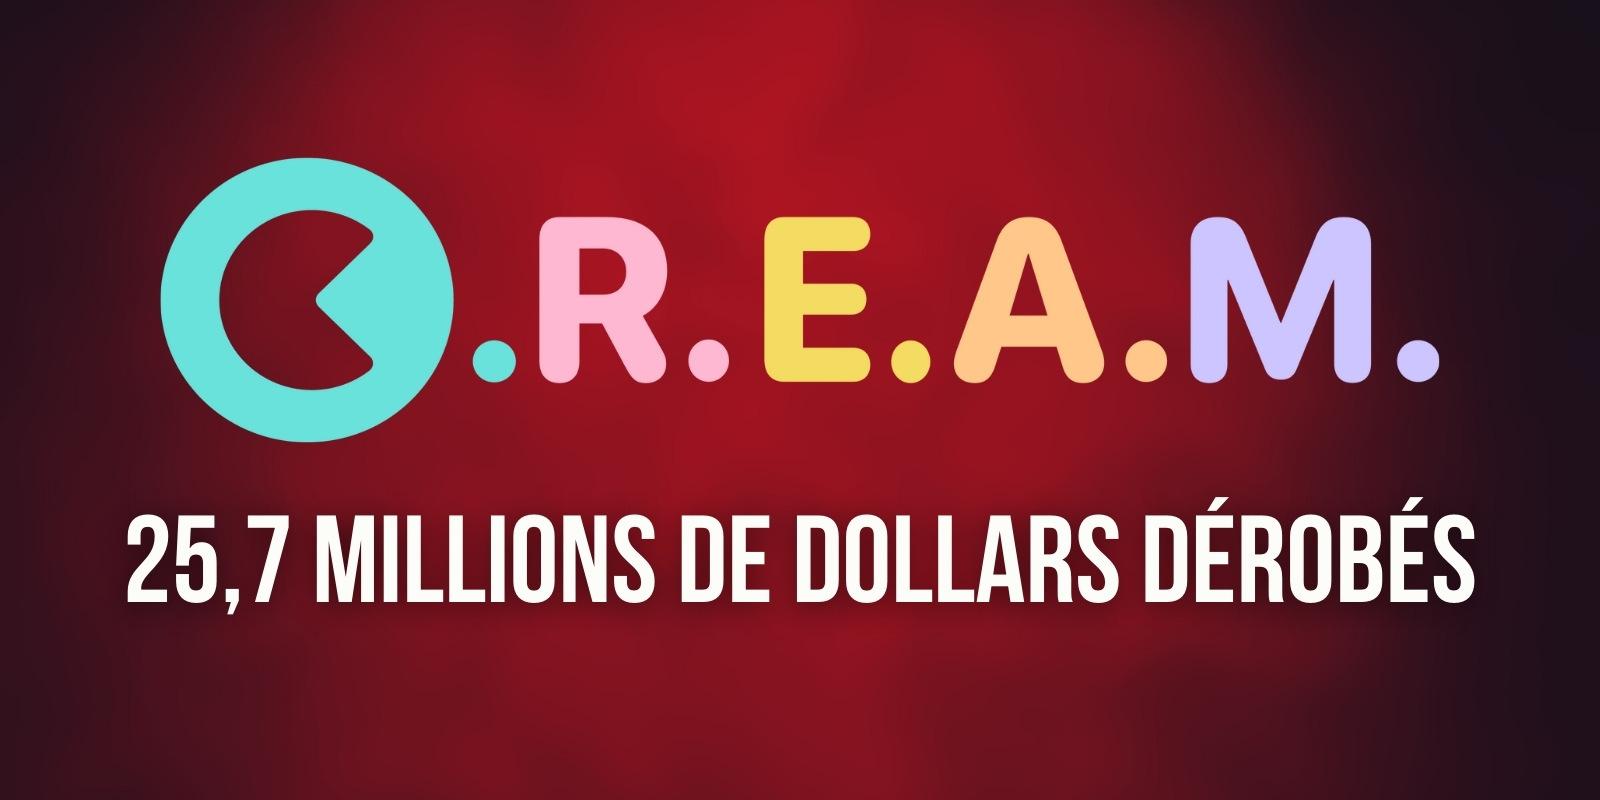 Le protocole Cream Finance se fait dérober 25,7 millions de dollars en ETH et AMP – Une 2e attaque en seulement 6 mois